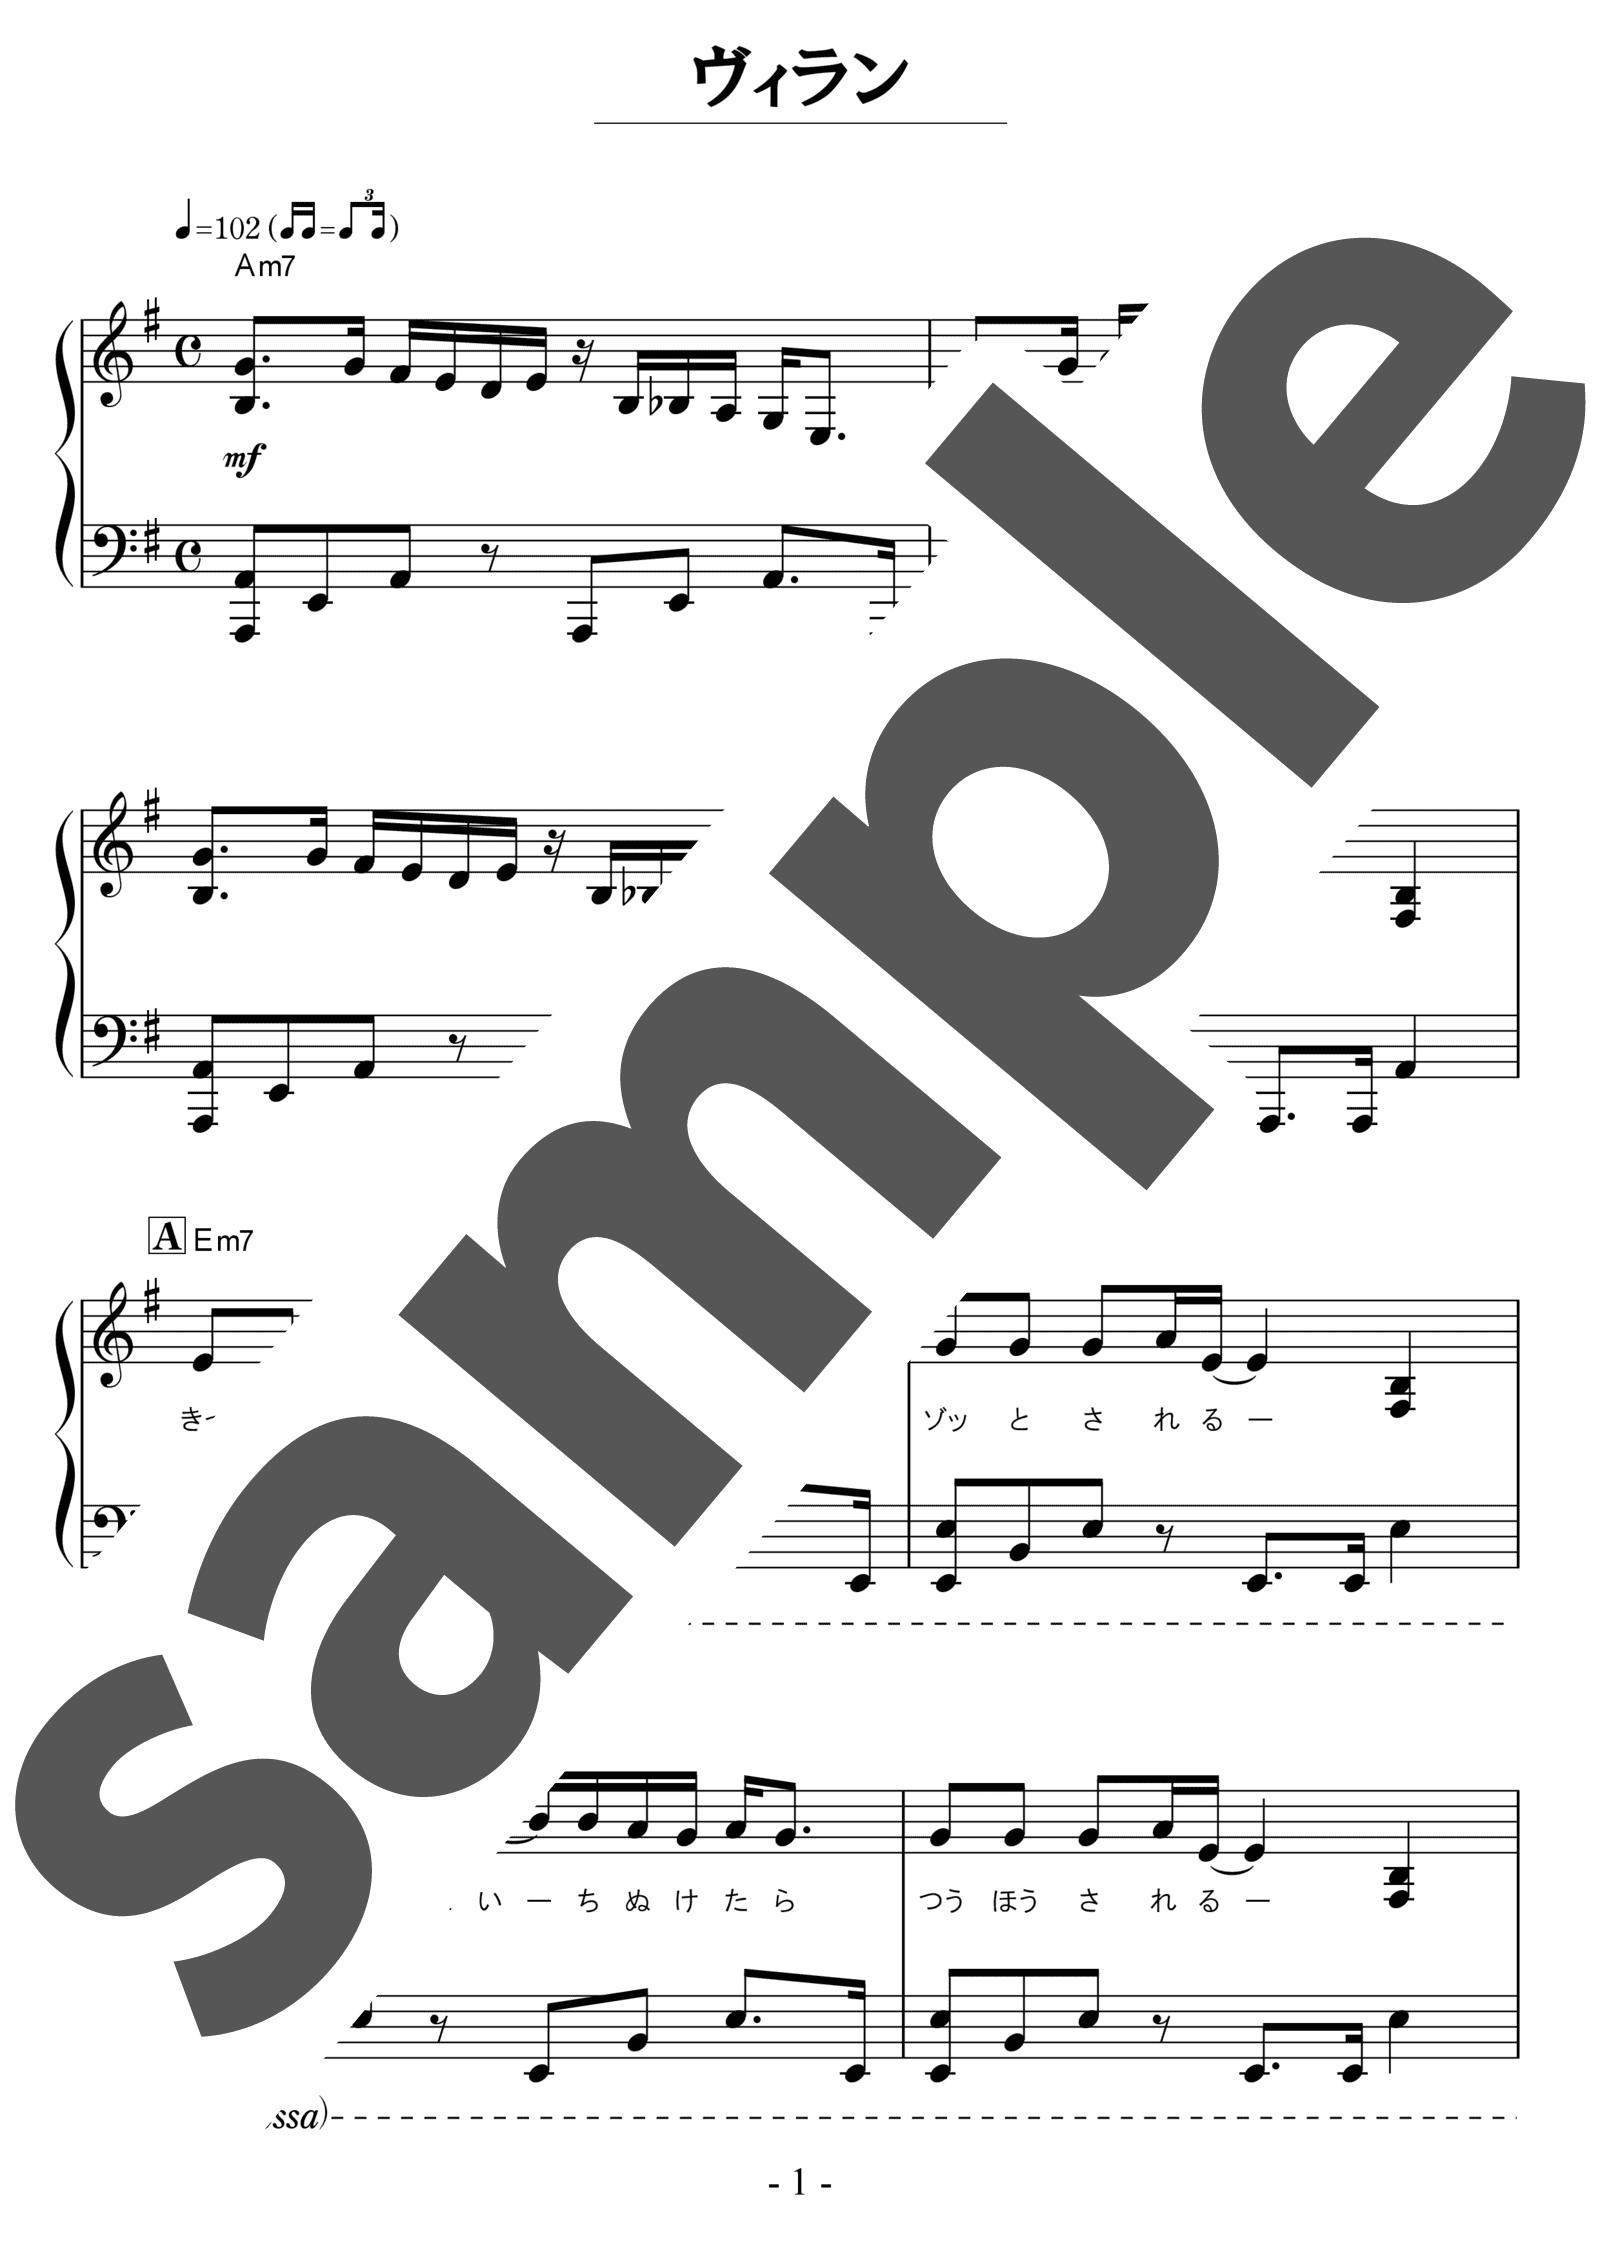 「ヴィラン」のサンプル楽譜